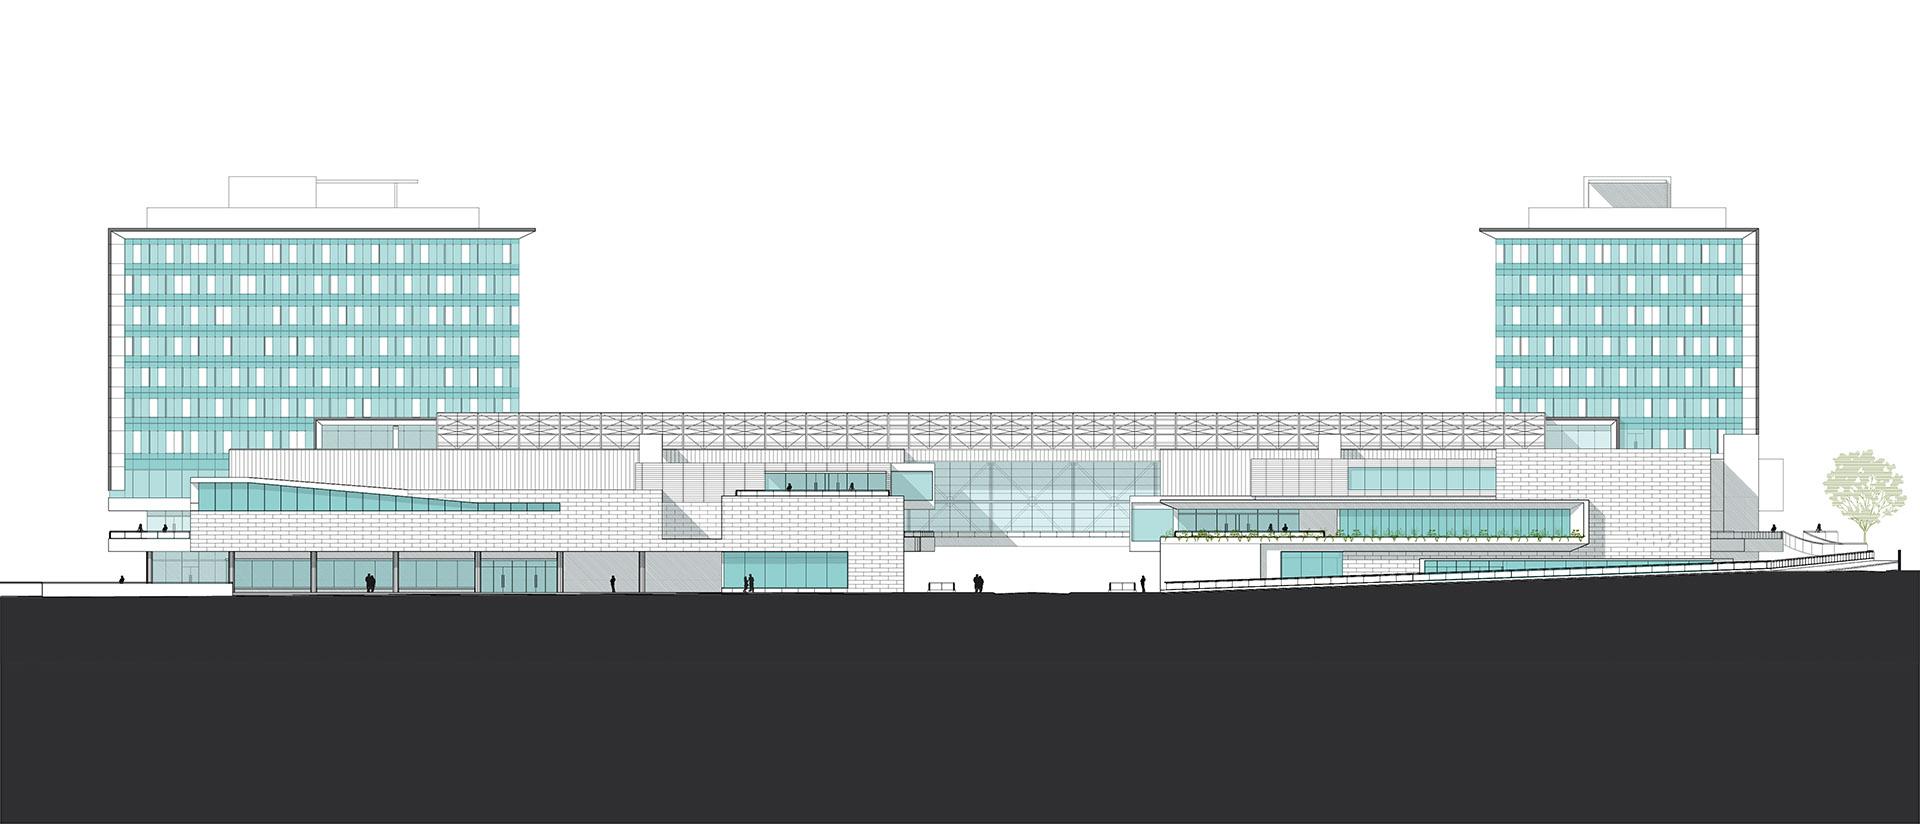 Arquitectura a gran escala